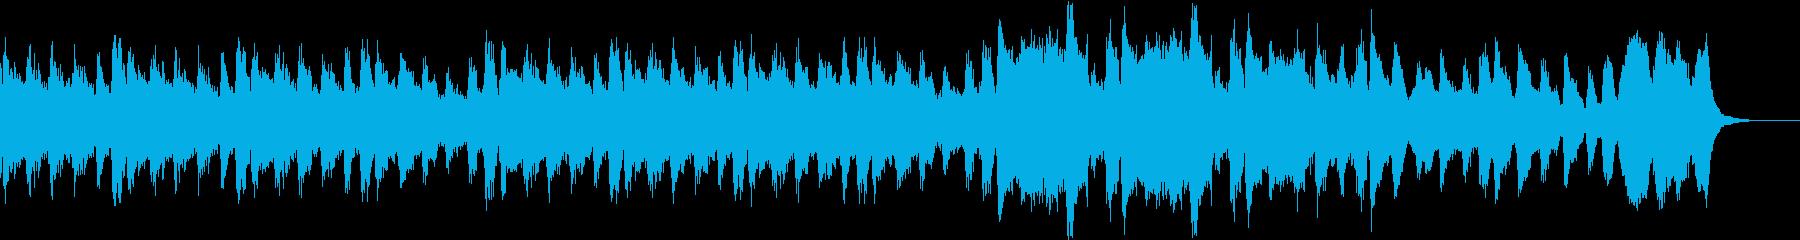 シリアスで低音の威圧感を意識しました。の再生済みの波形